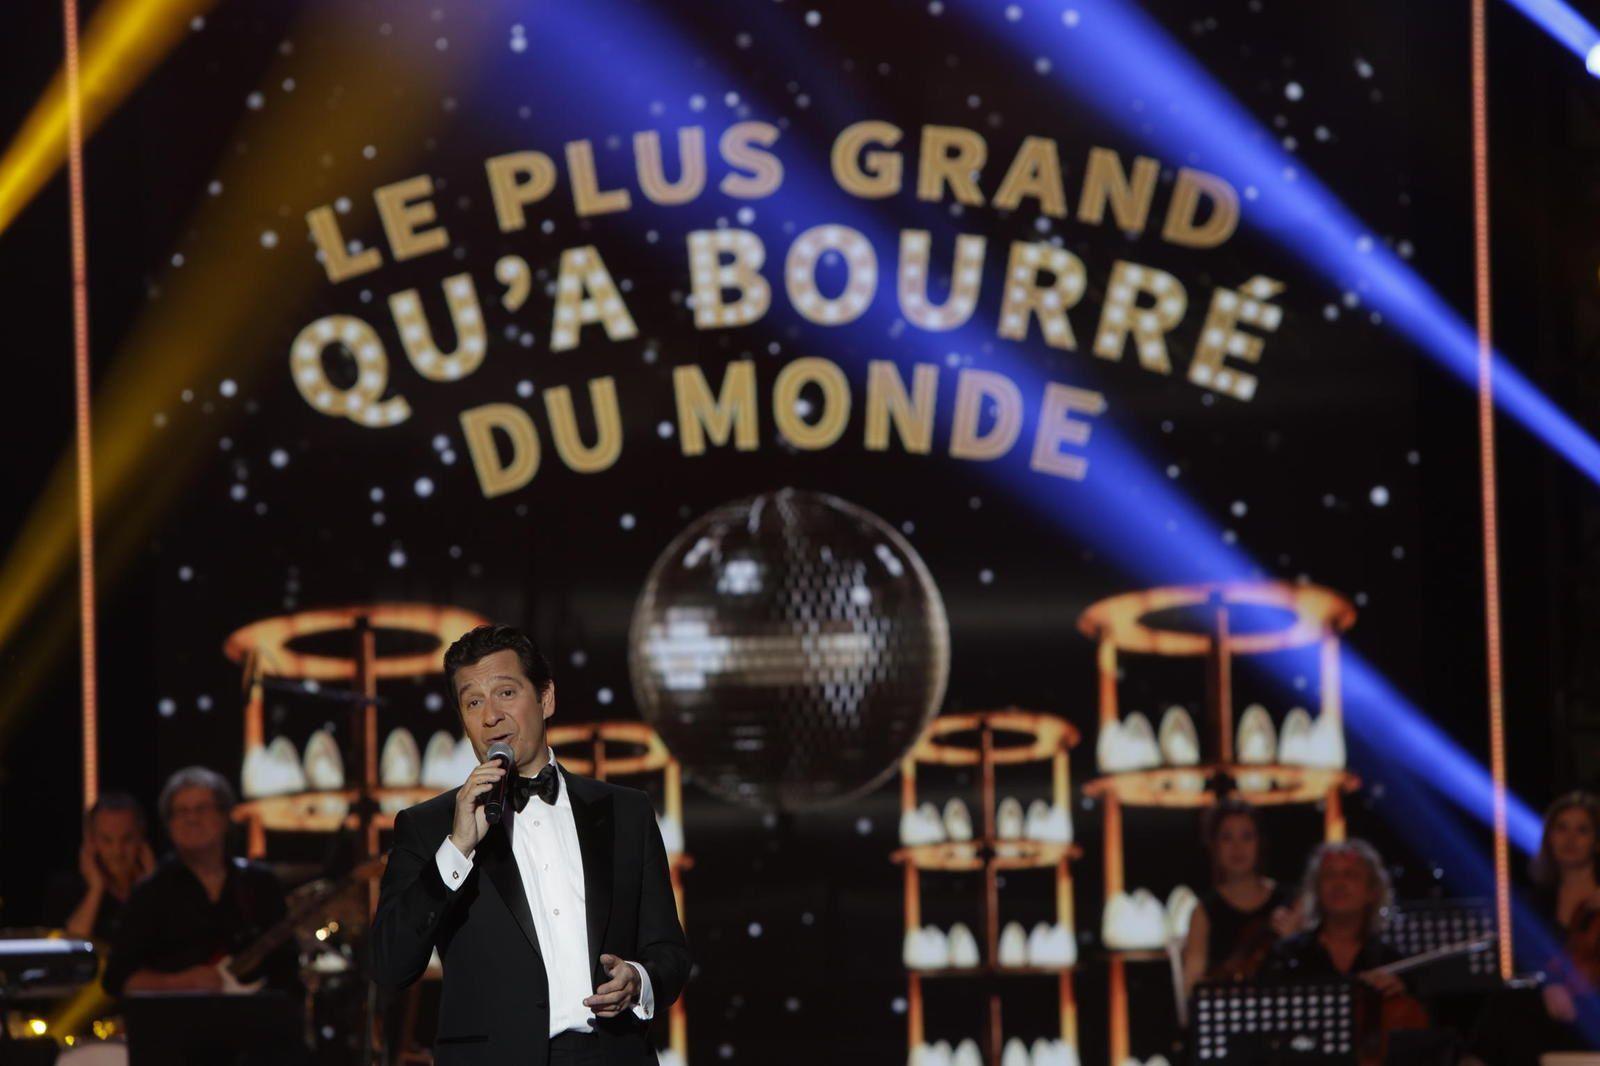 Show inédit avec Laurent Gerra ce vendredi 29 décembre sur France 2 : sketchs et parodies.